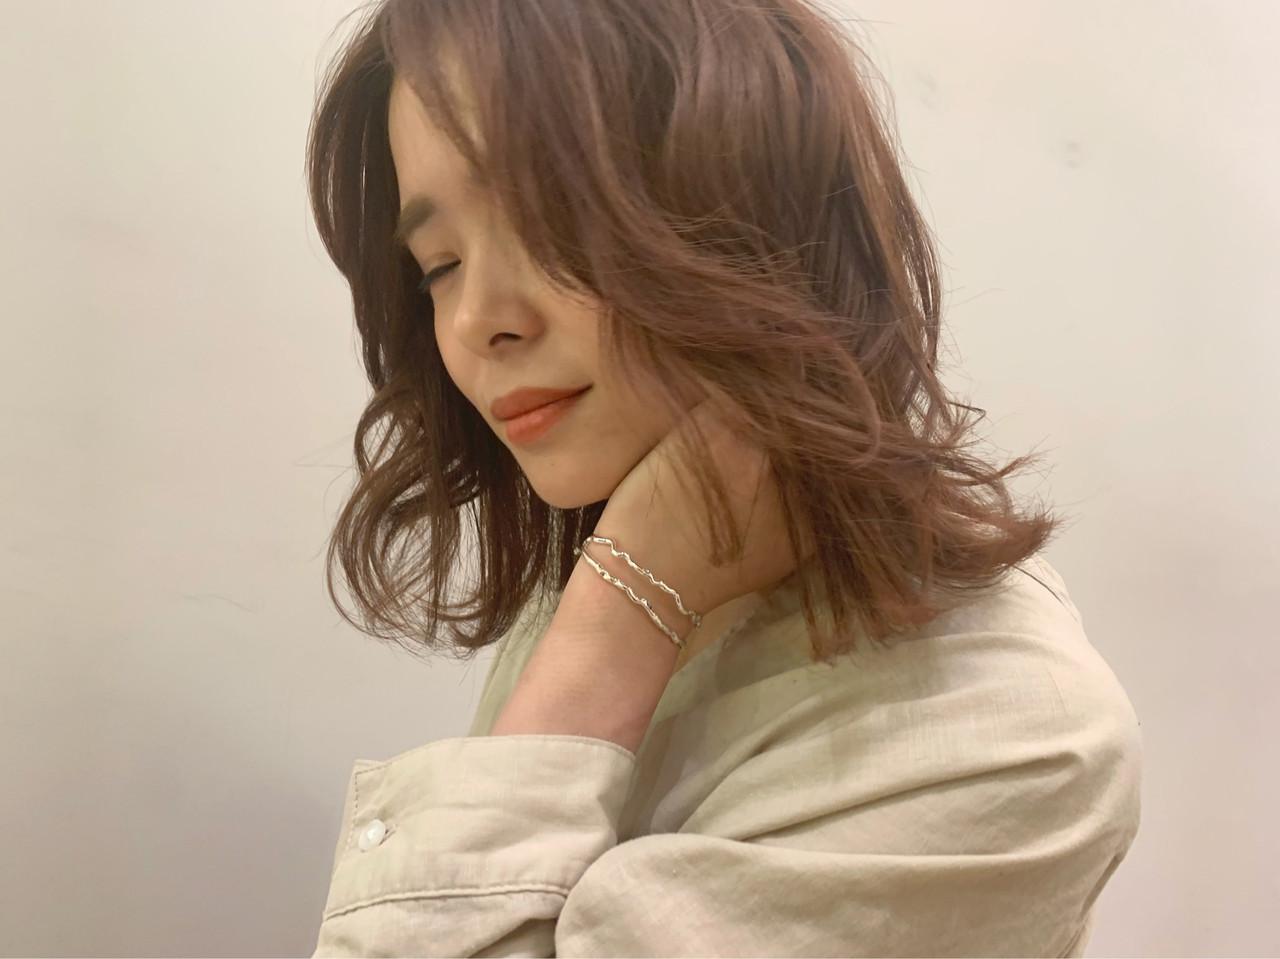 ミディアム デート オフィス かわいい ヘアスタイルや髪型の写真・画像 | 河合 桃歌 / kakimoto arms ララテラス武蔵小杉